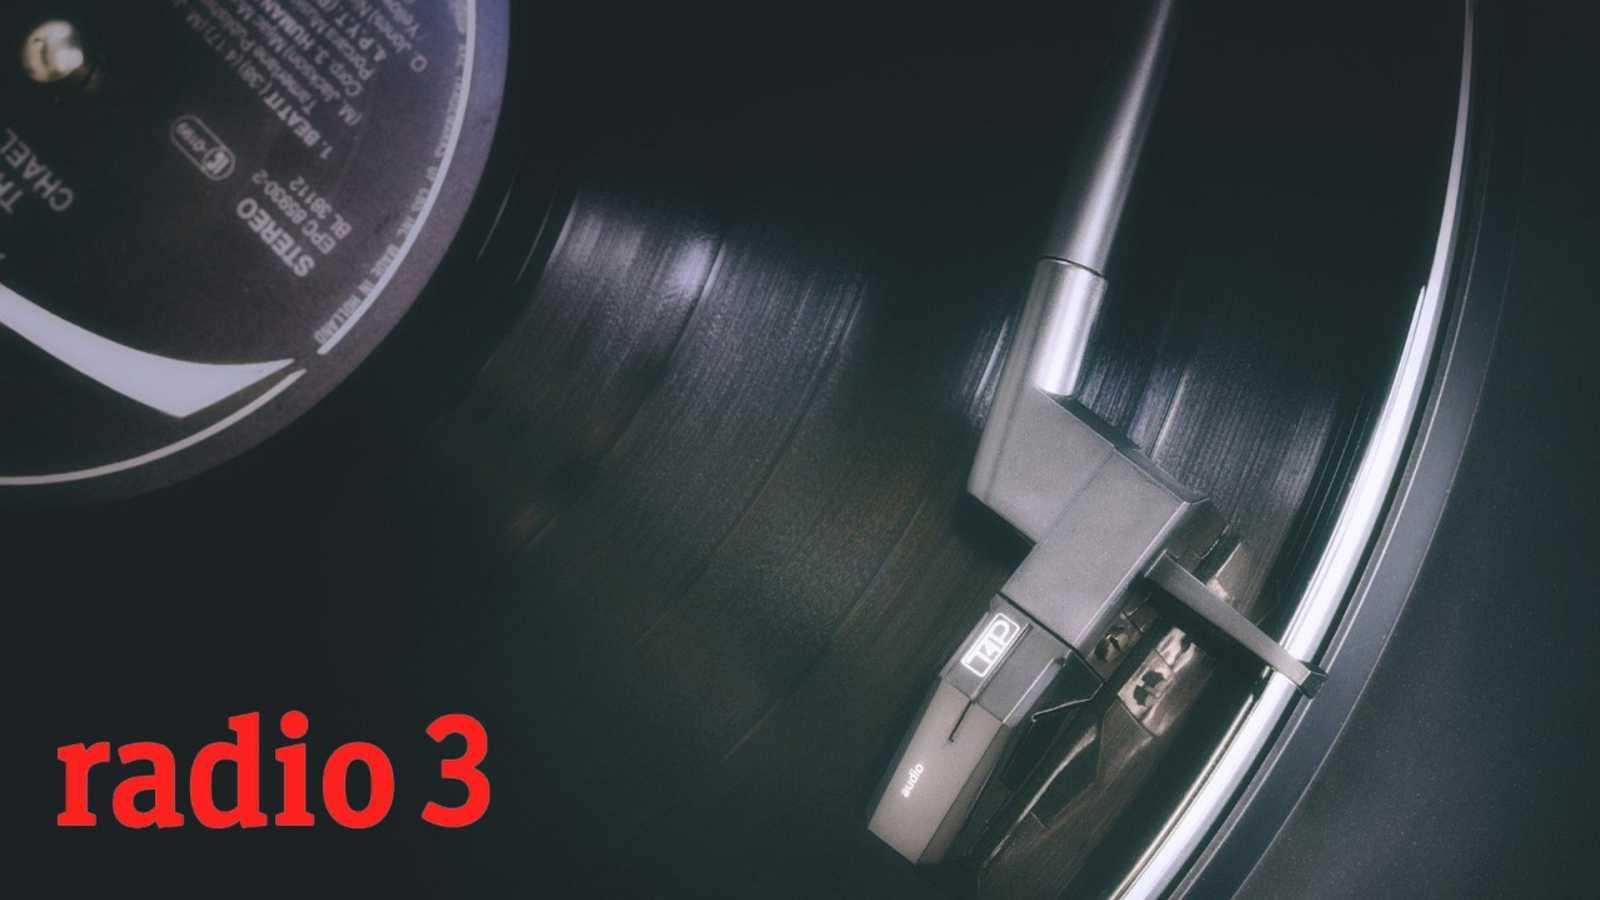 Equilibristas - A falta de discotecas... - 27/12/20 - escuchar ahora